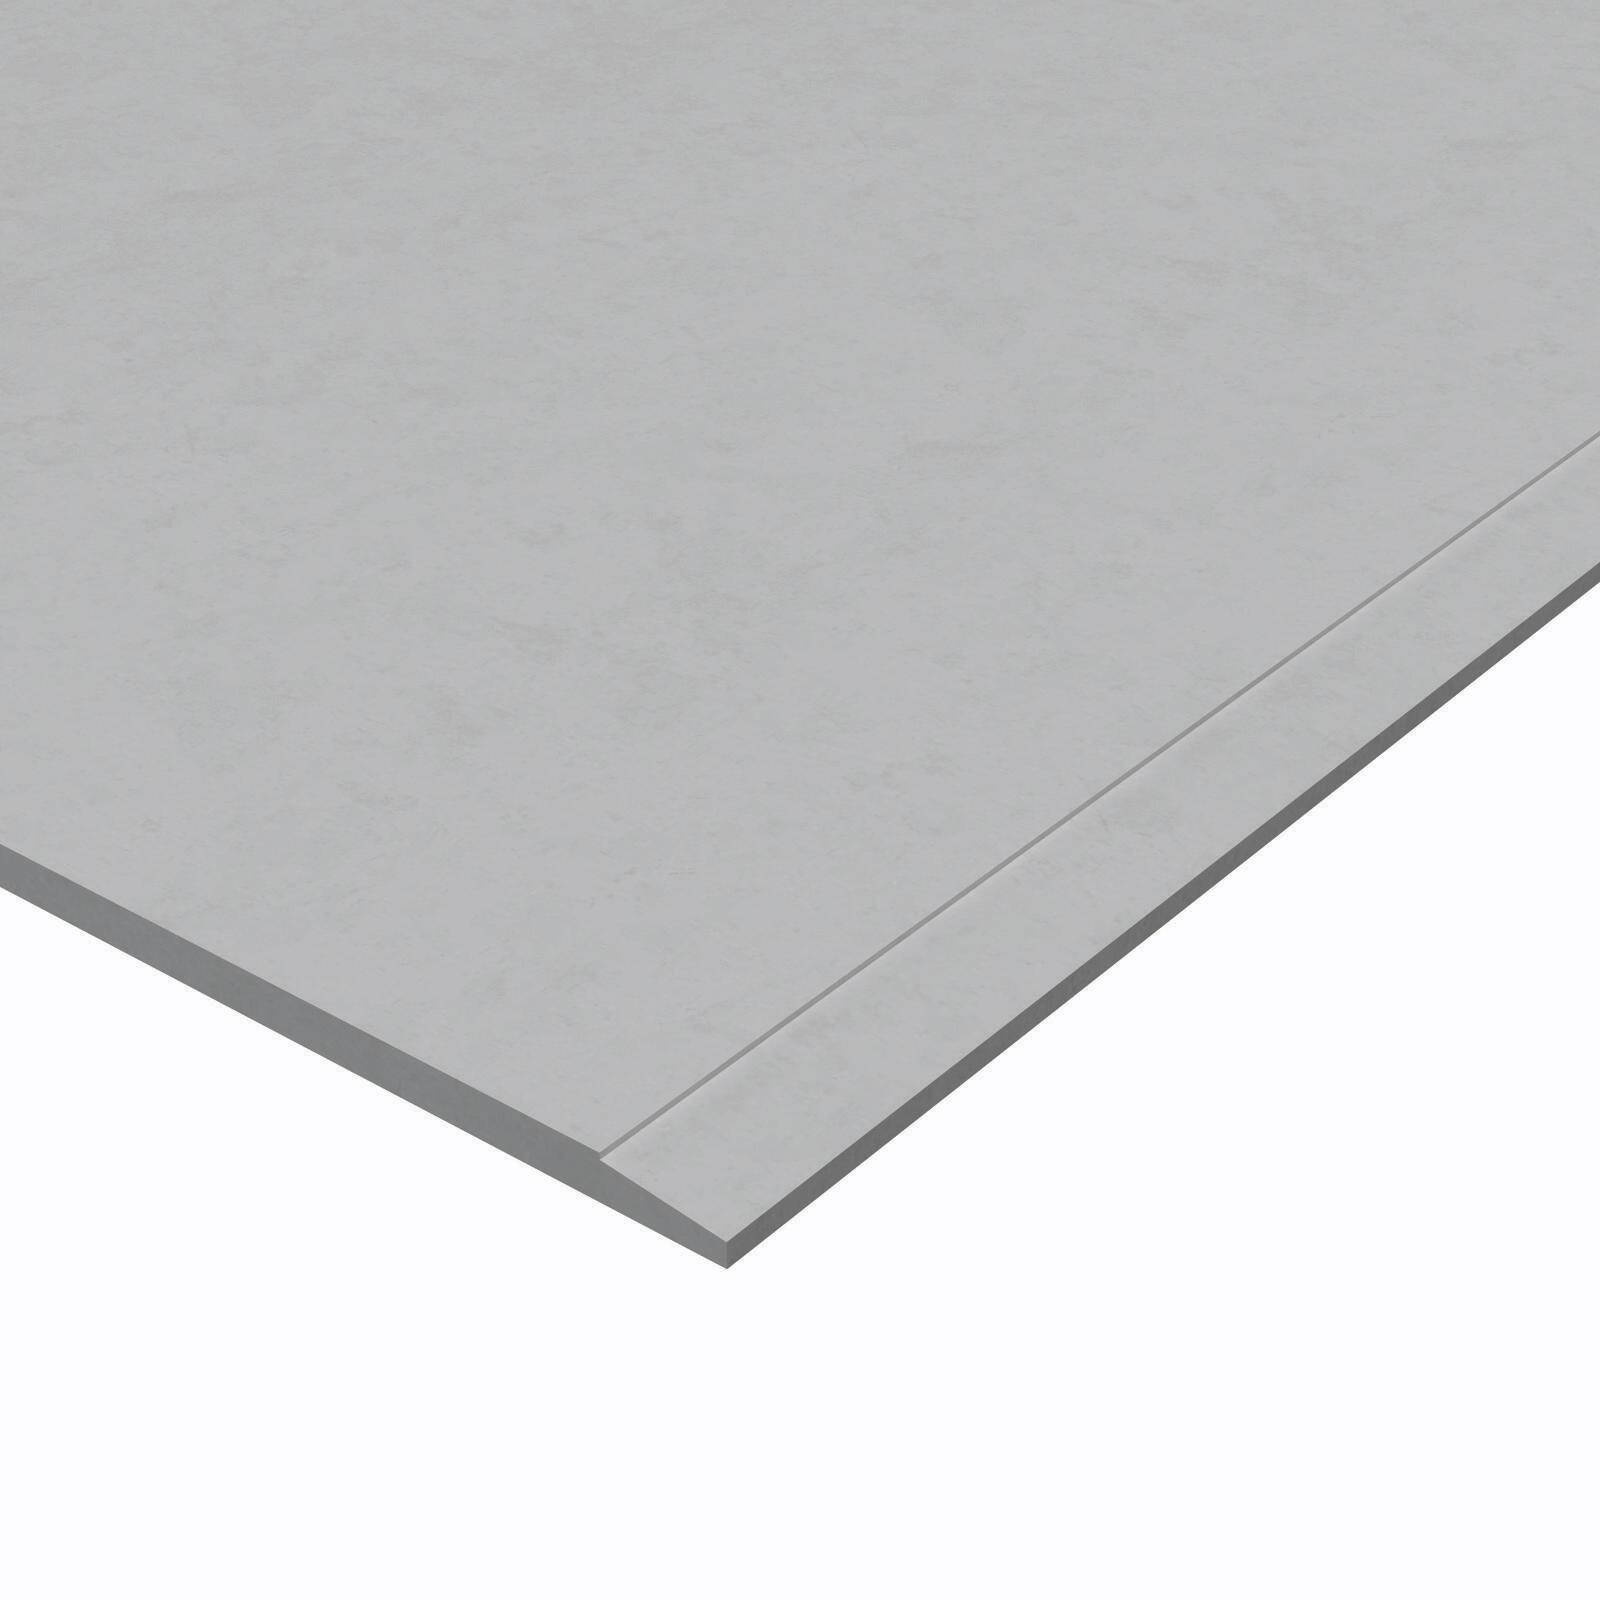 BGC 2700 x 1200 x 9mm Duraliner Fibre Cement Board